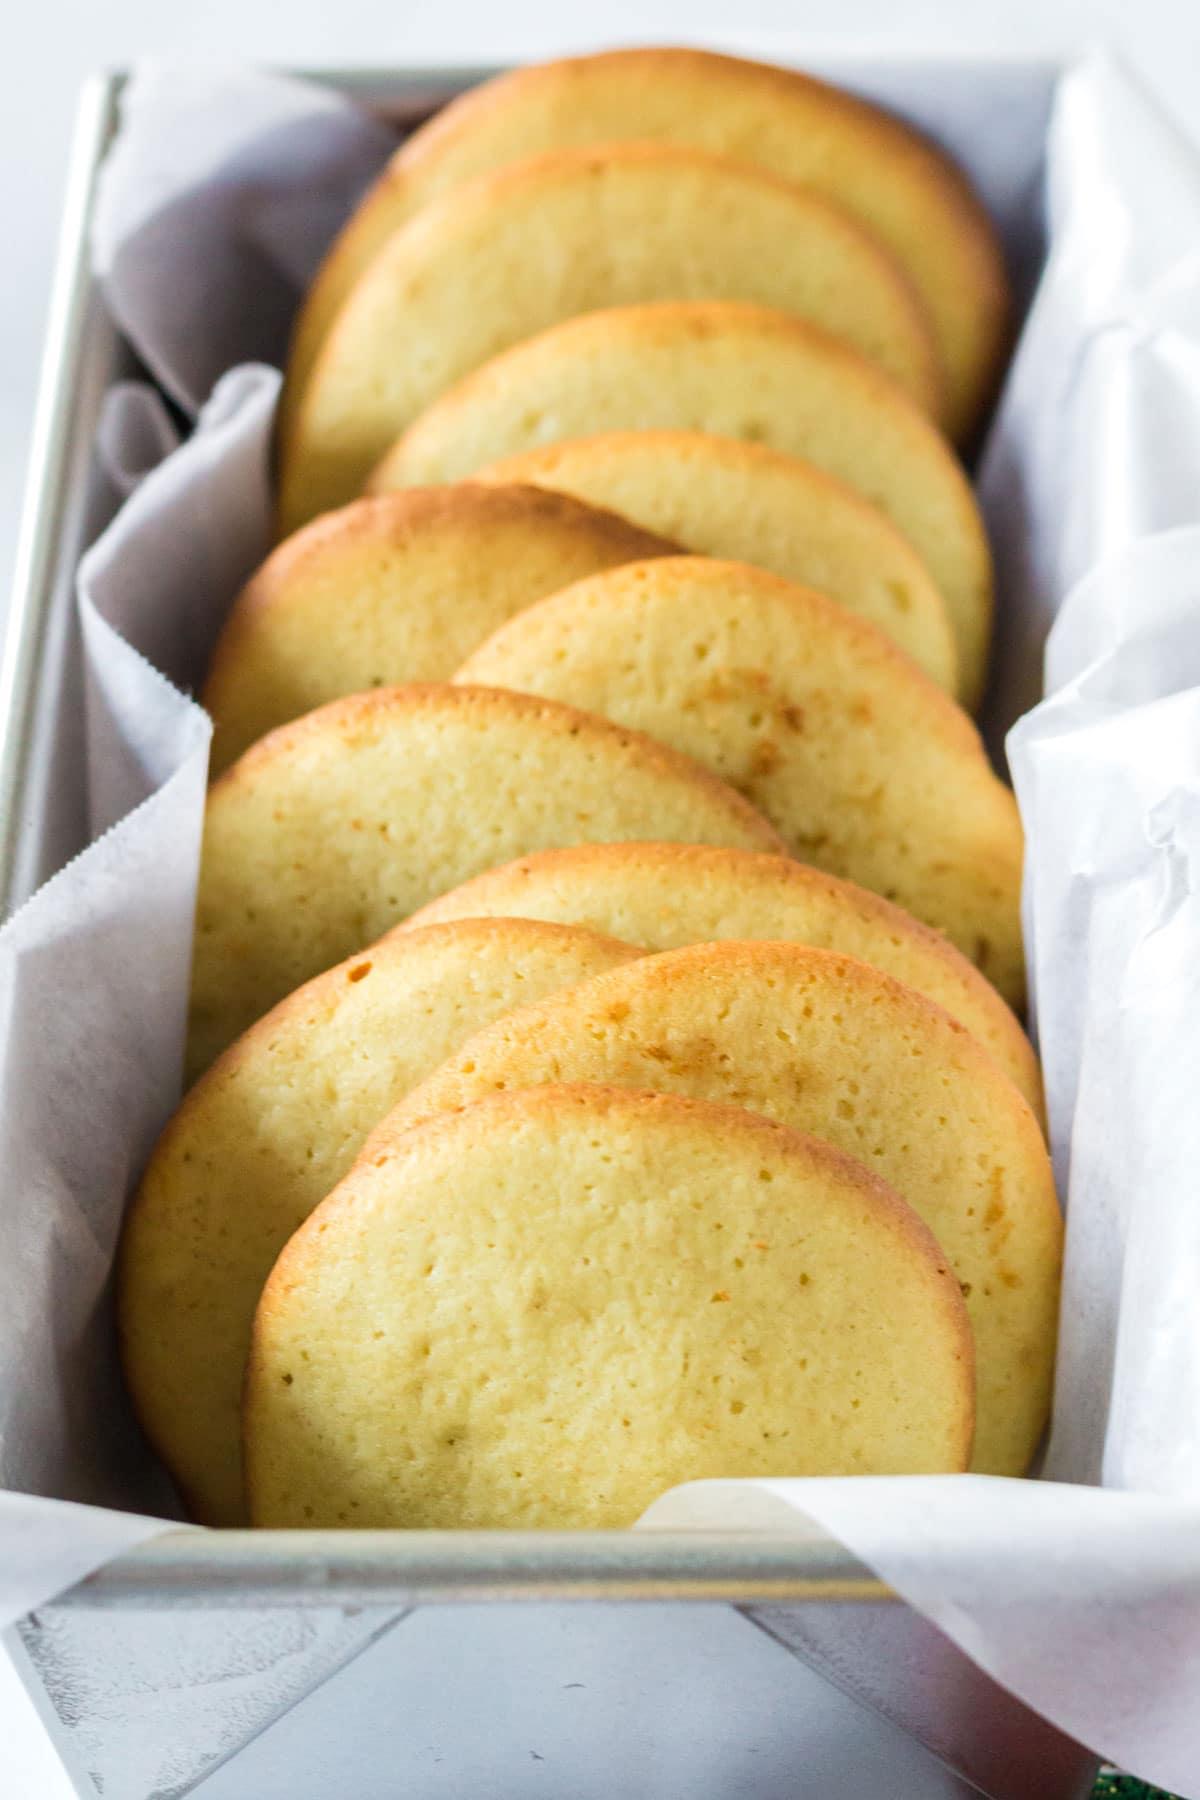 A pan of sugar cookies